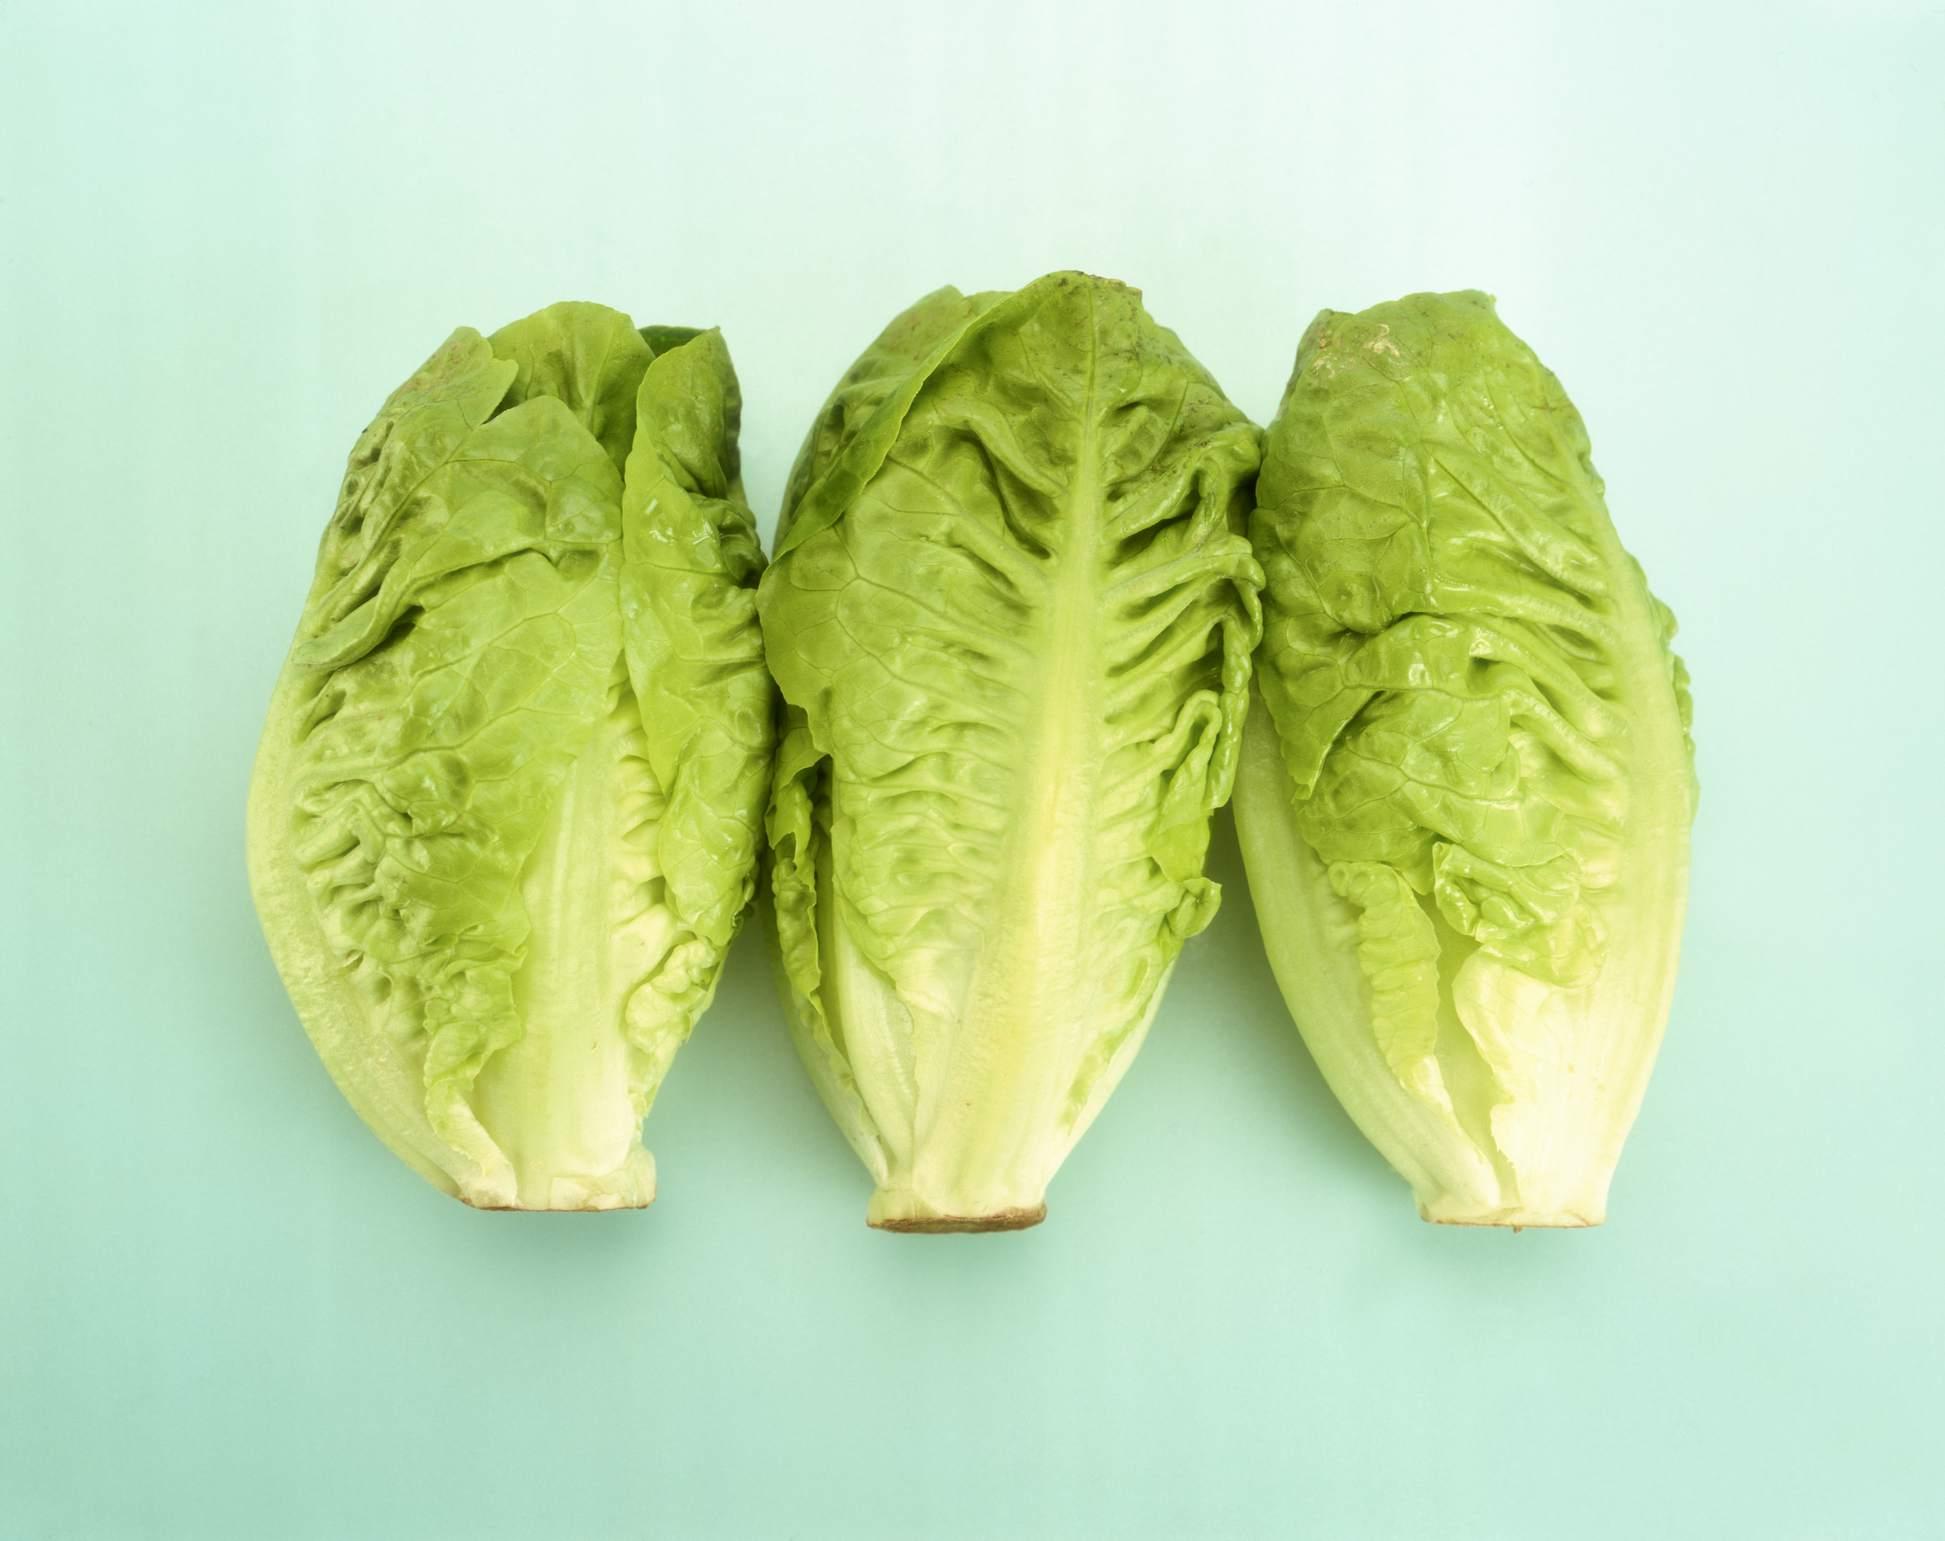 16 Types Of Lettuce Varieties